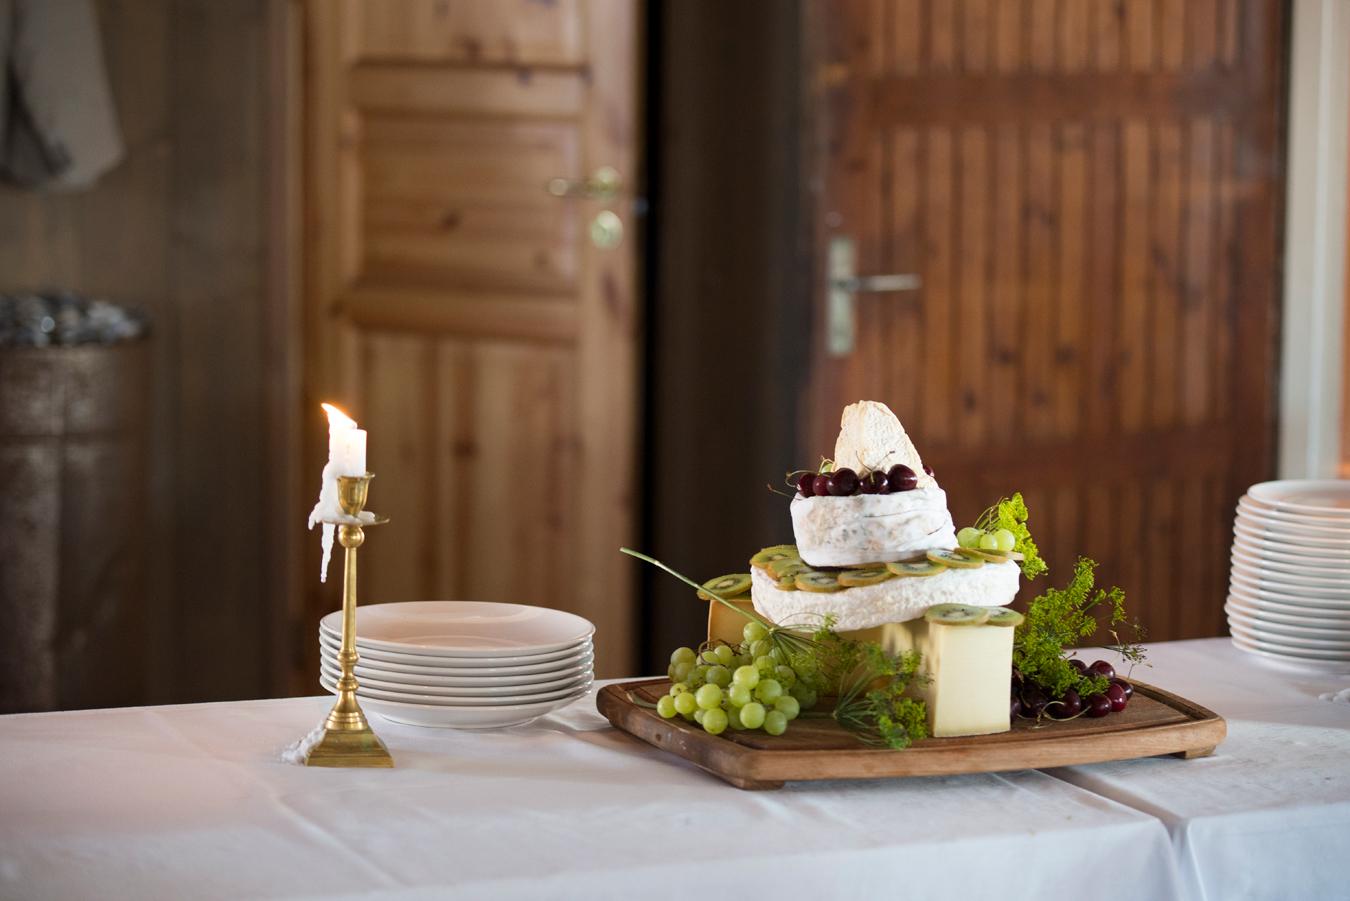 060-bröllopsfotograf-ulebergshamn-göteborg-neas-fotografi.jpg